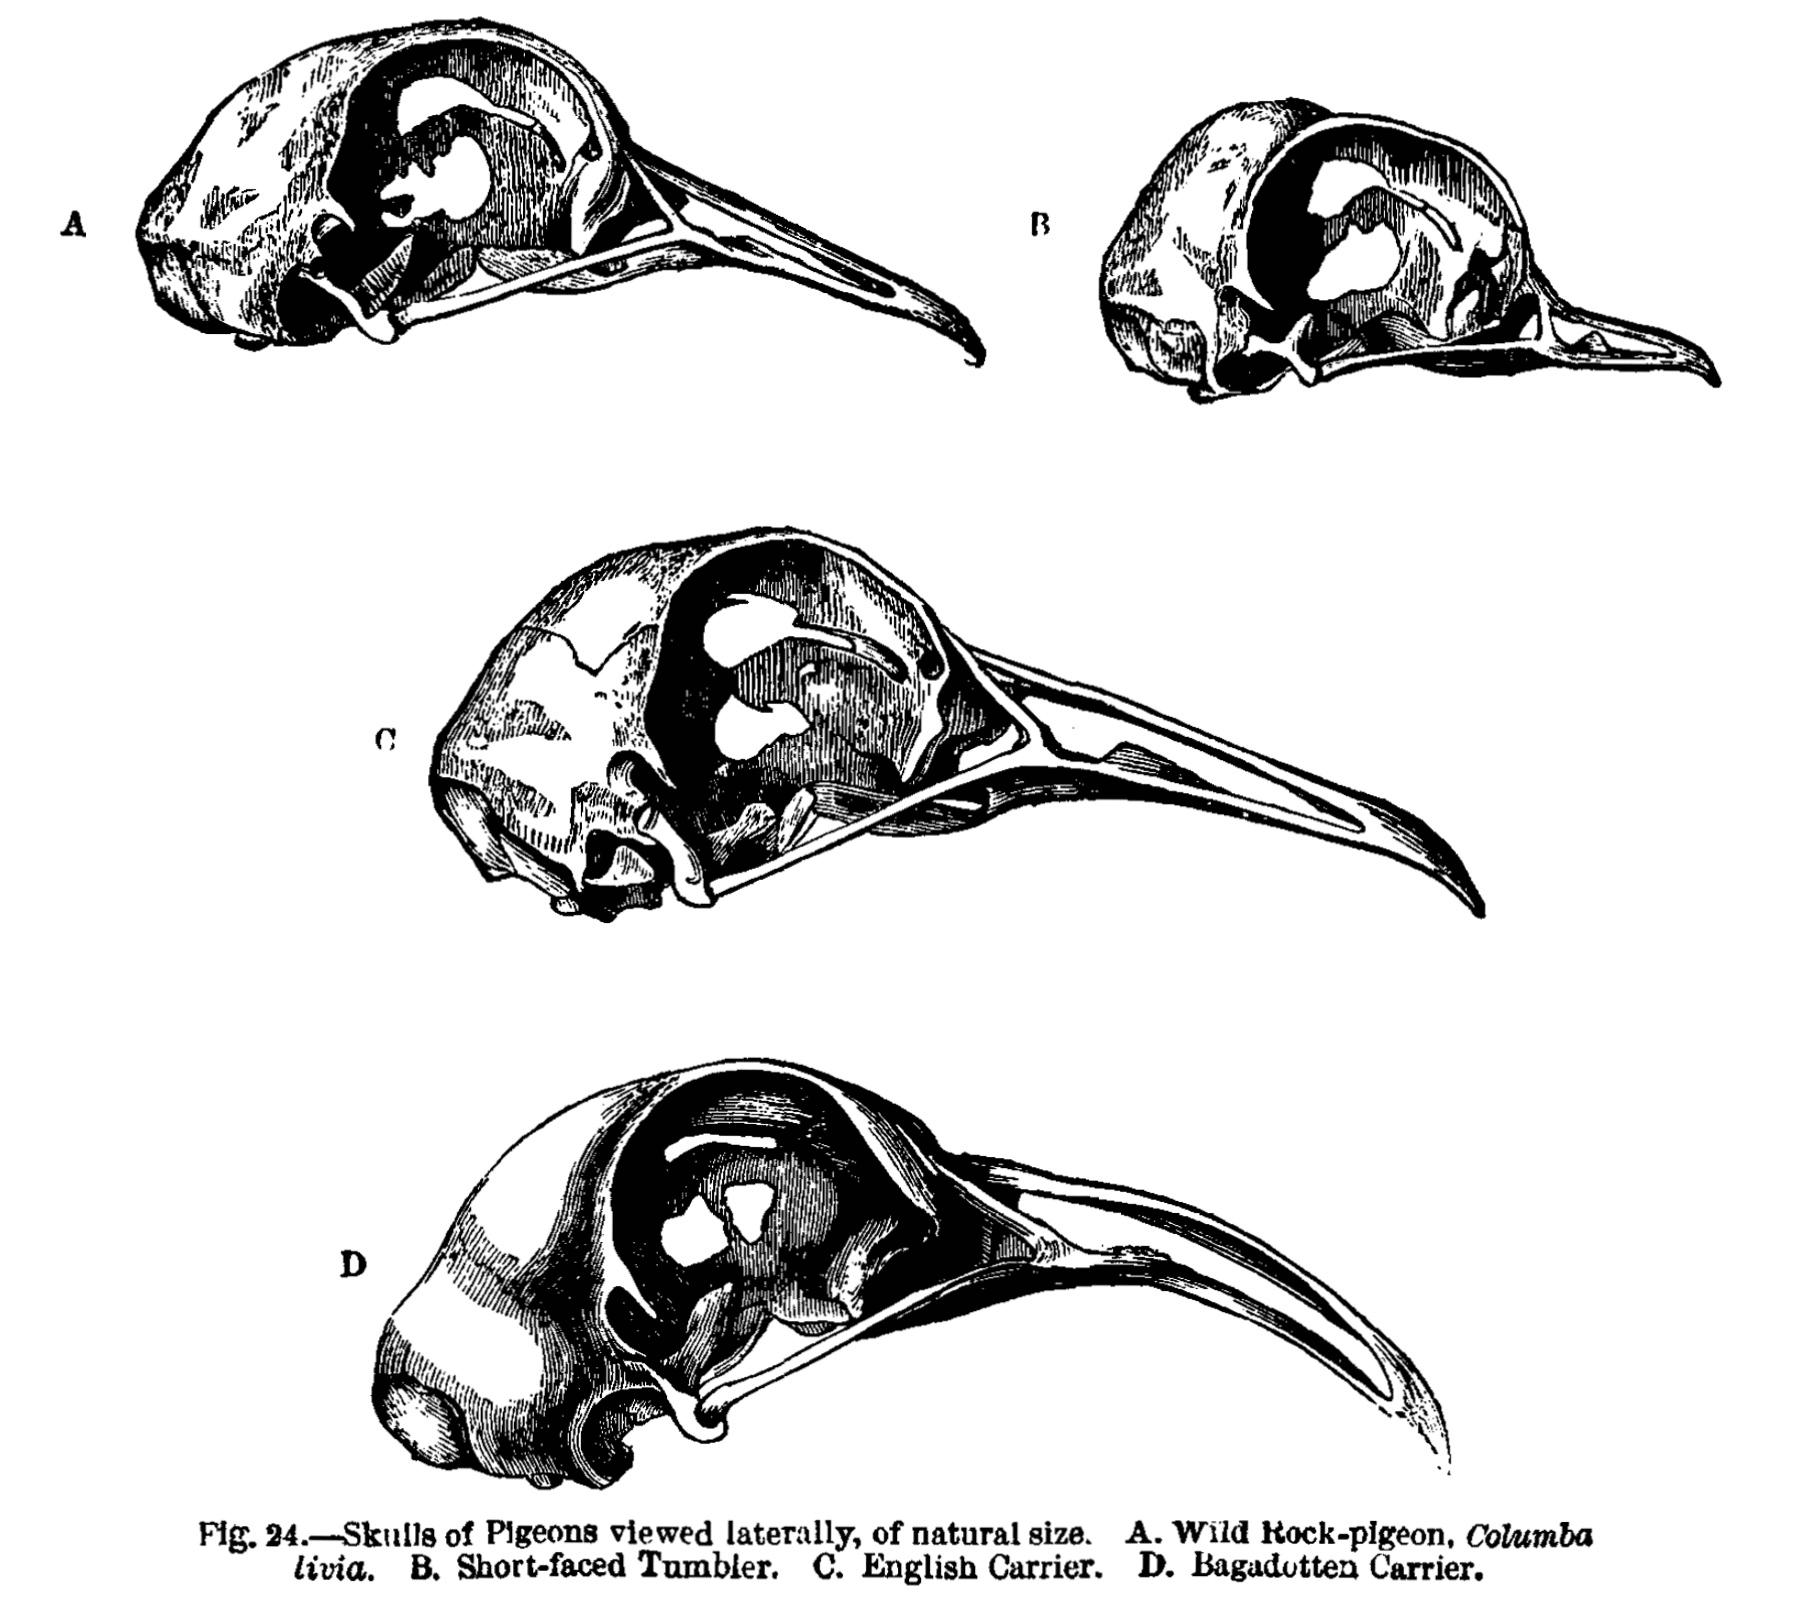 file charles darwin pigeon skulls png  file charles darwin pigeon skulls png